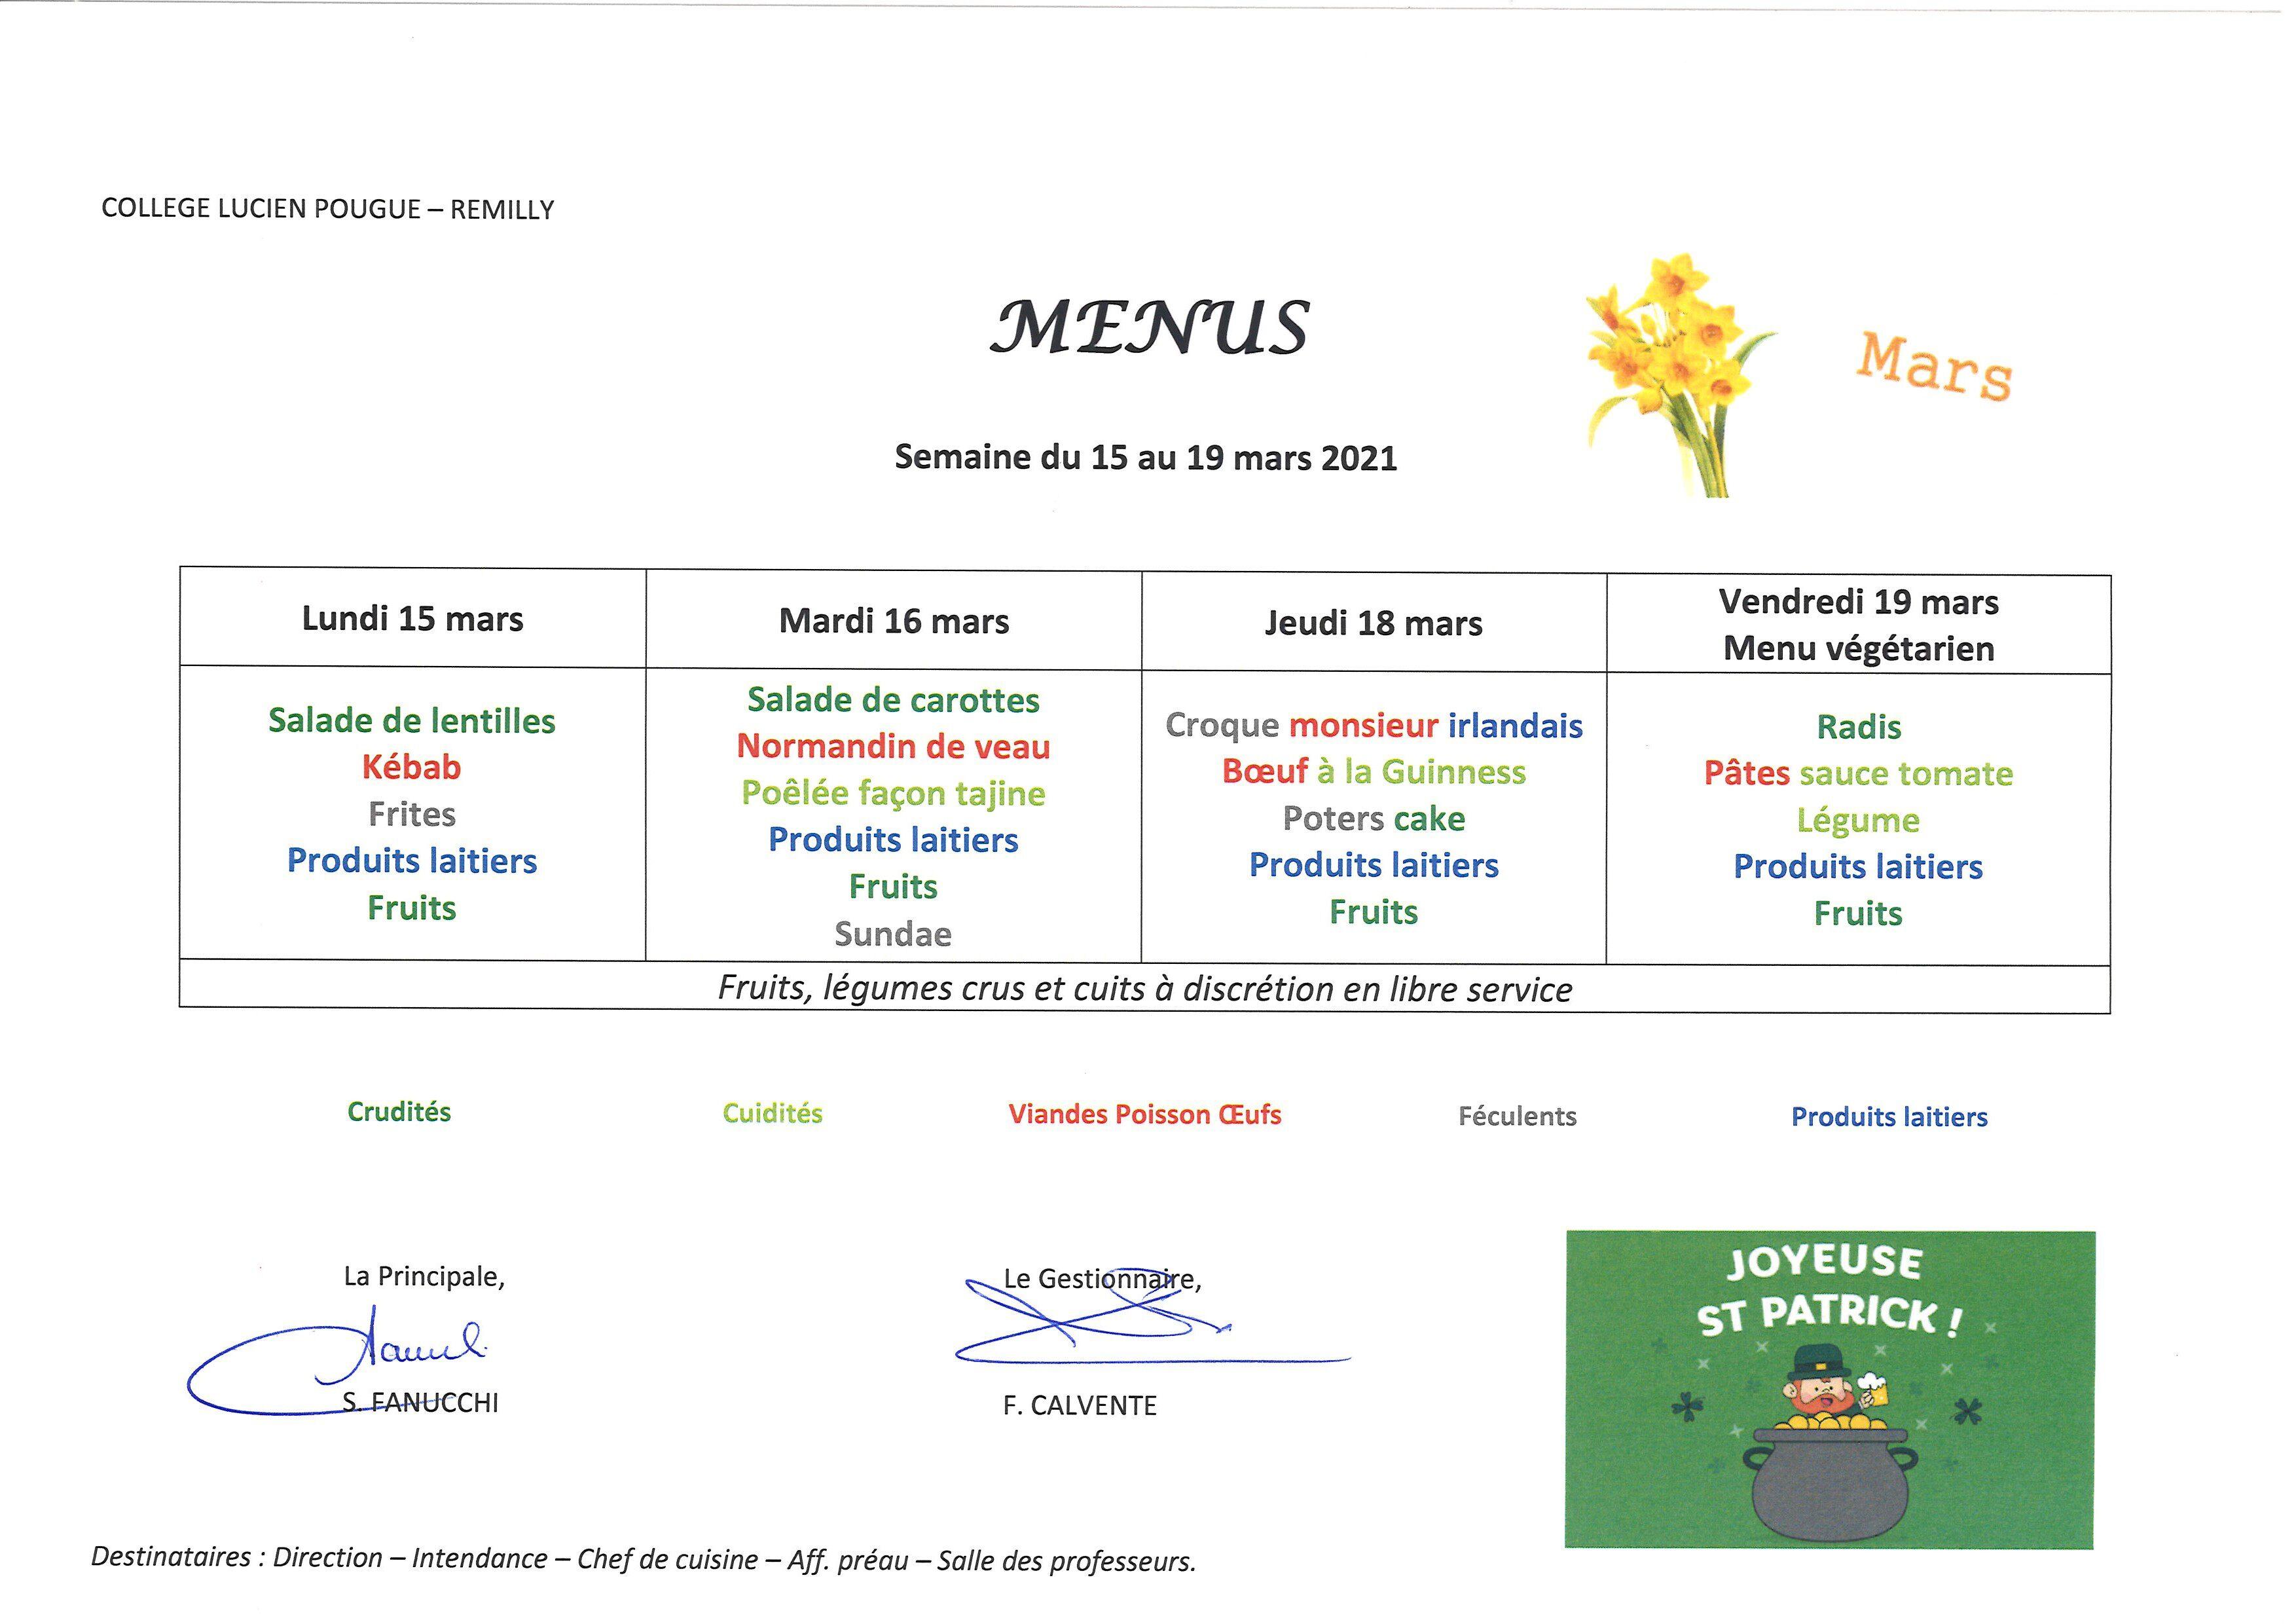 menus du 15 au 19 mars.jpg